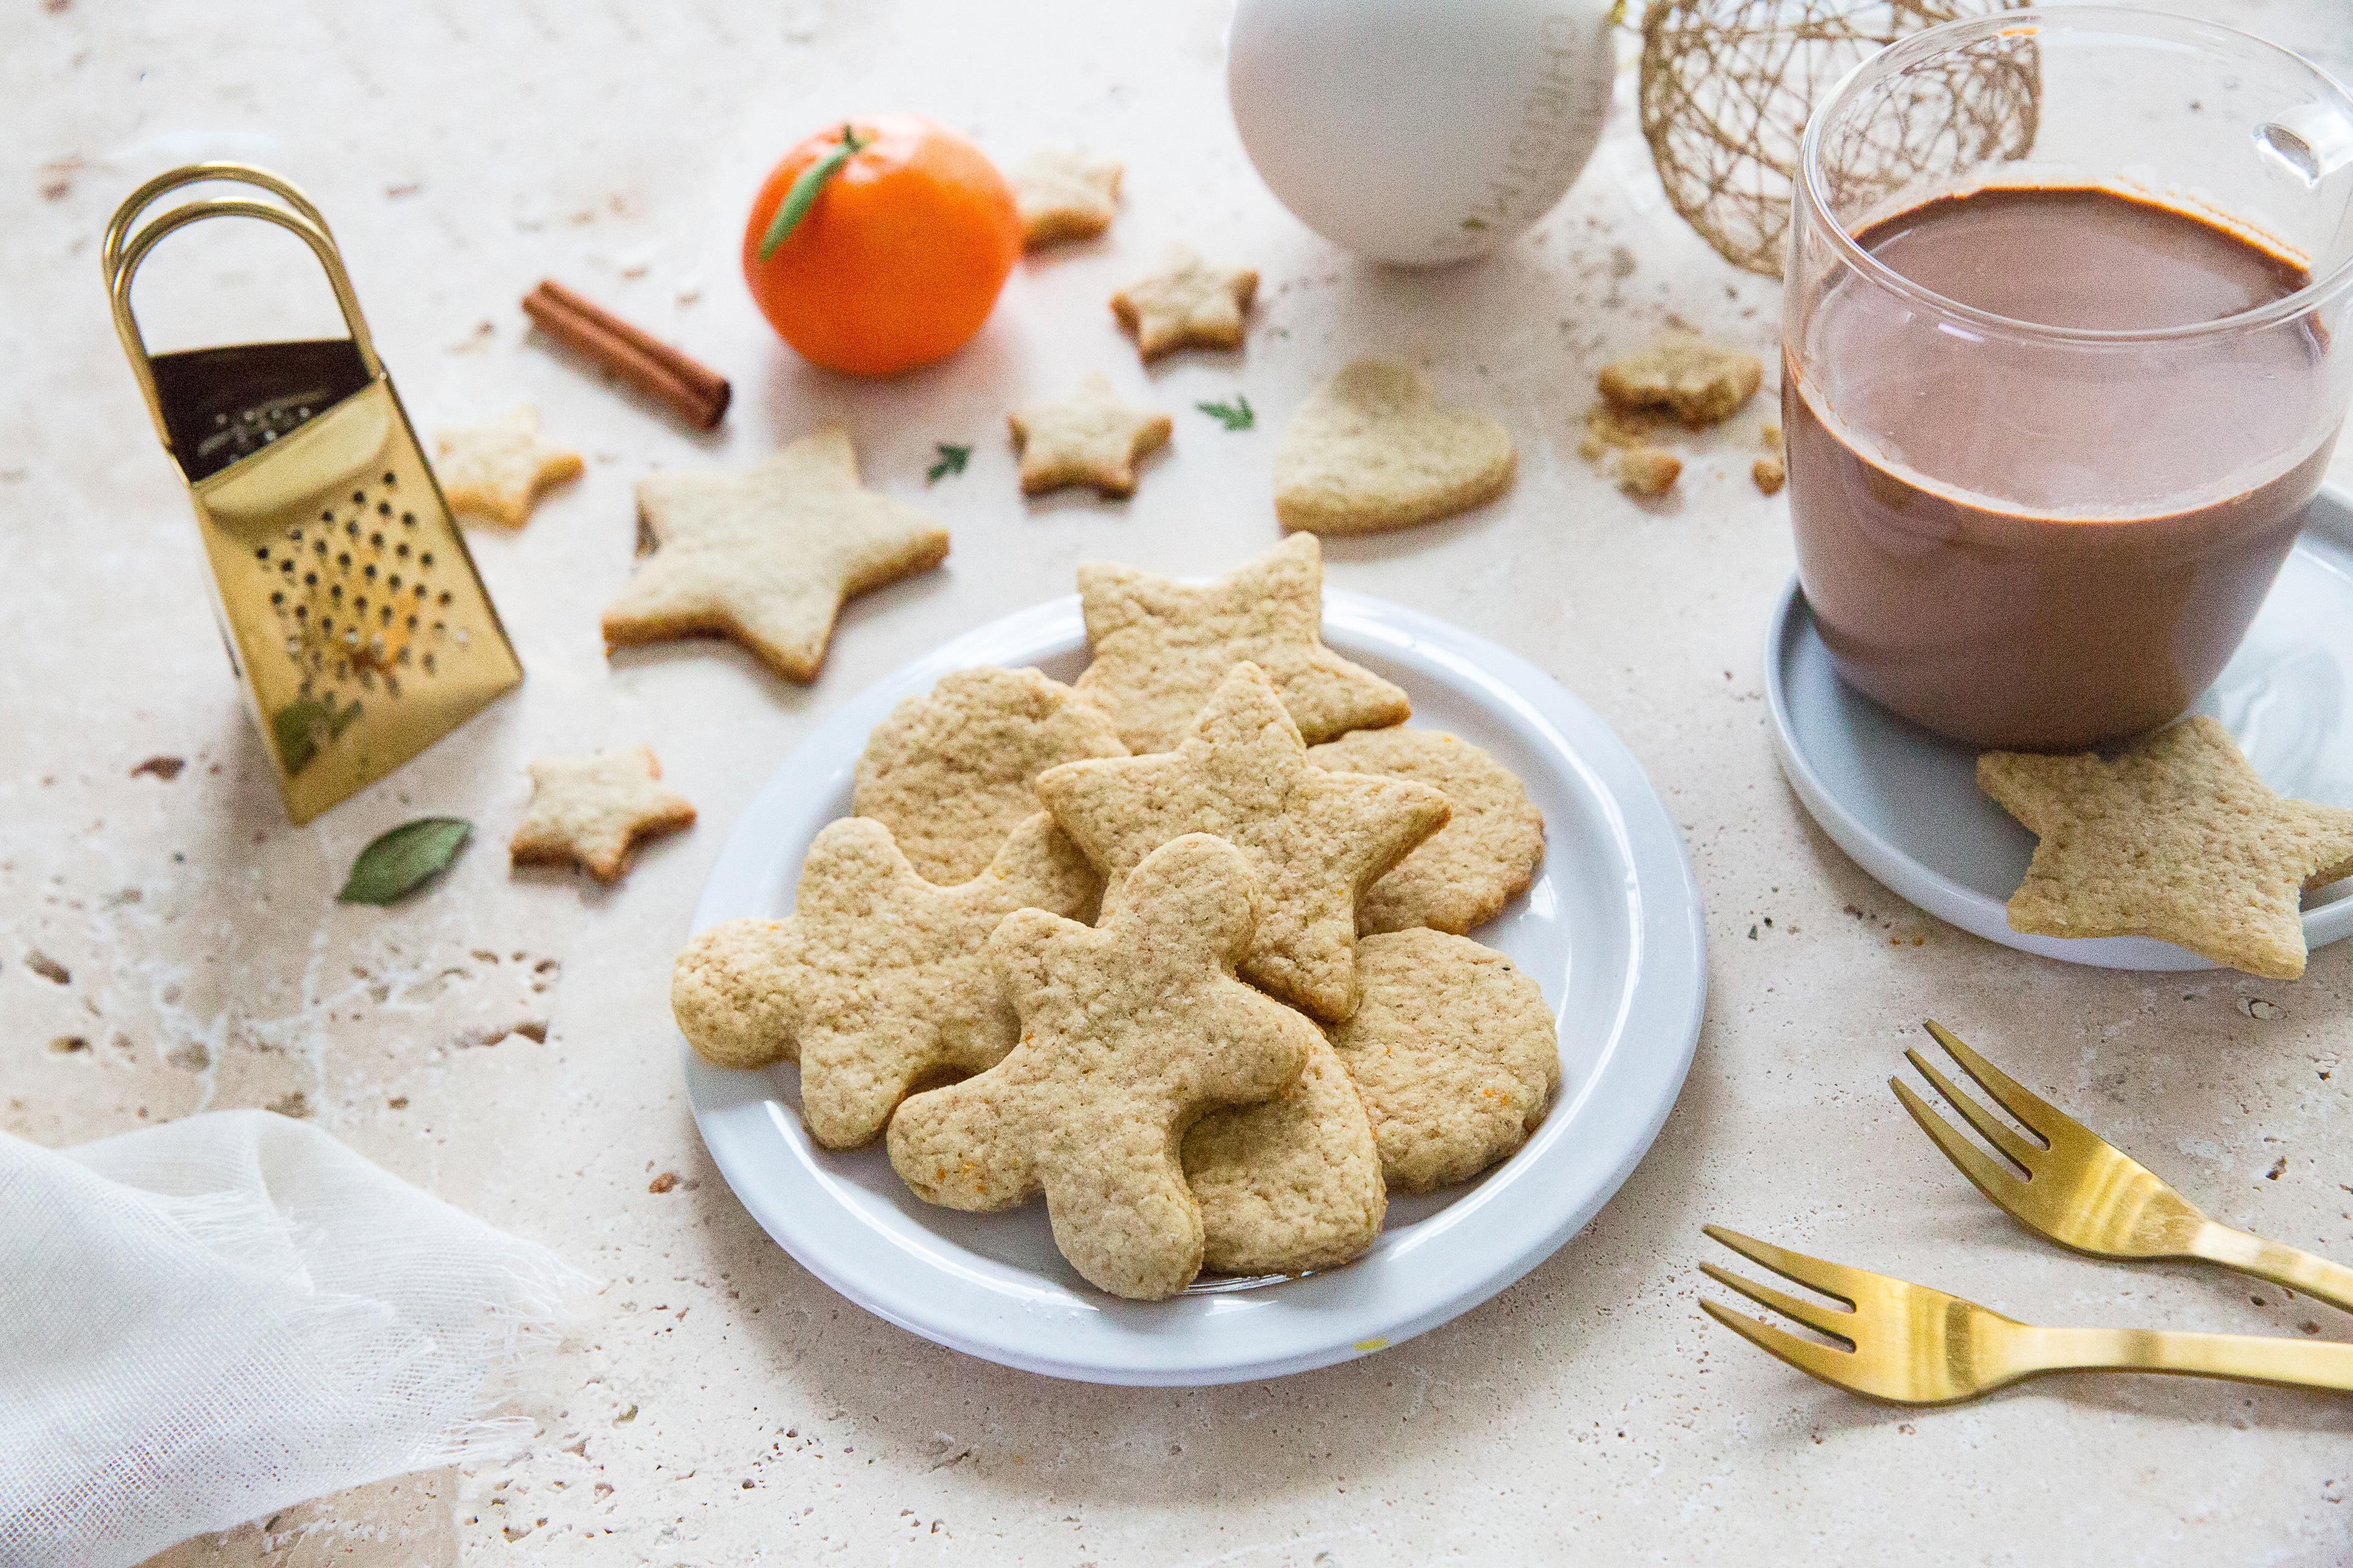 Petits biscuits de Noël & chocolat chaud aux épices